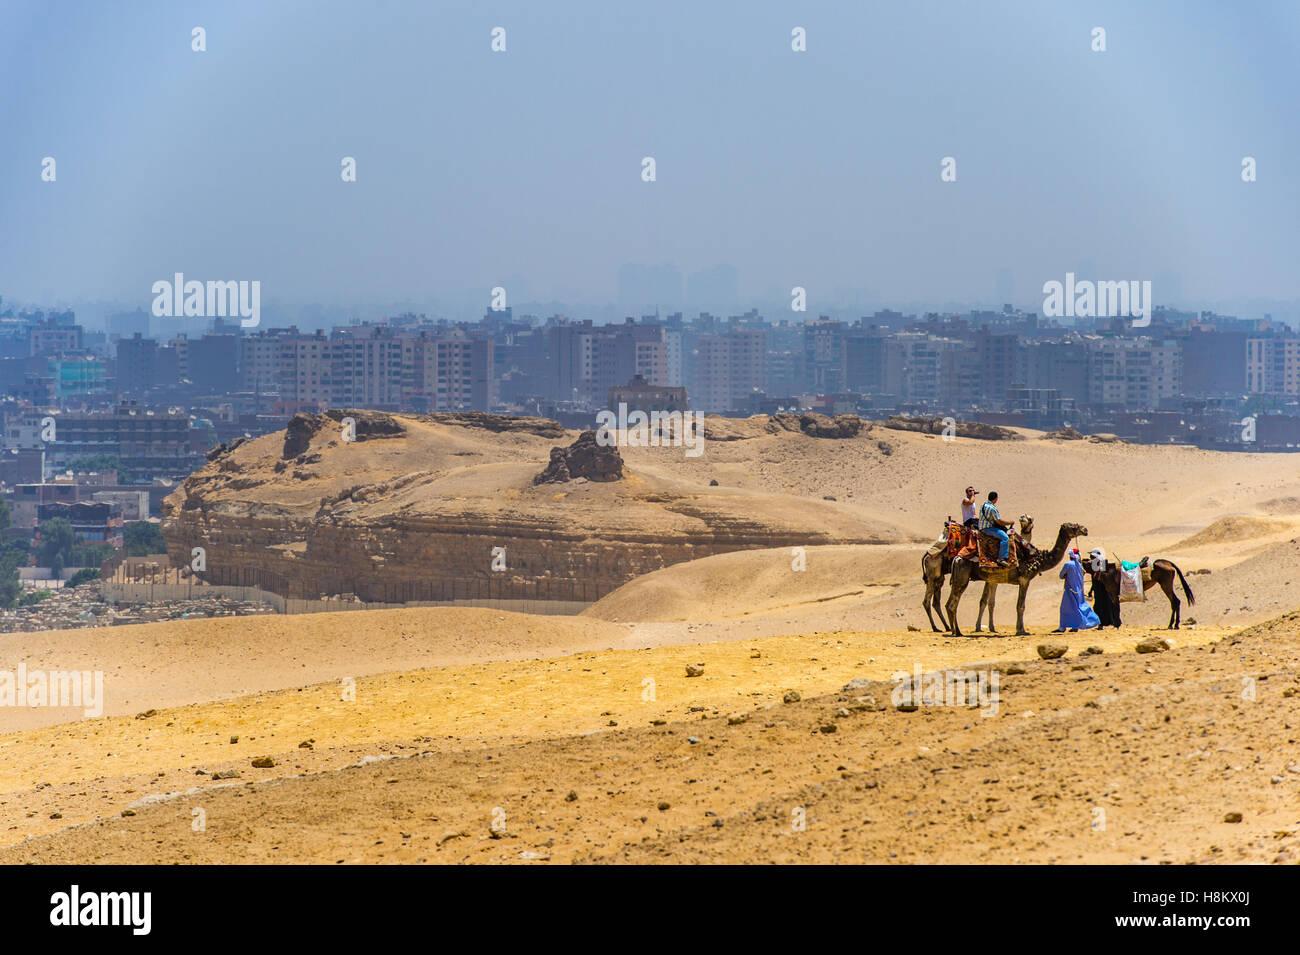 Le Caire, Égypte chameliers et les touristes circonscription de chameaux et de chevaux à travers le désert, Photo Stock